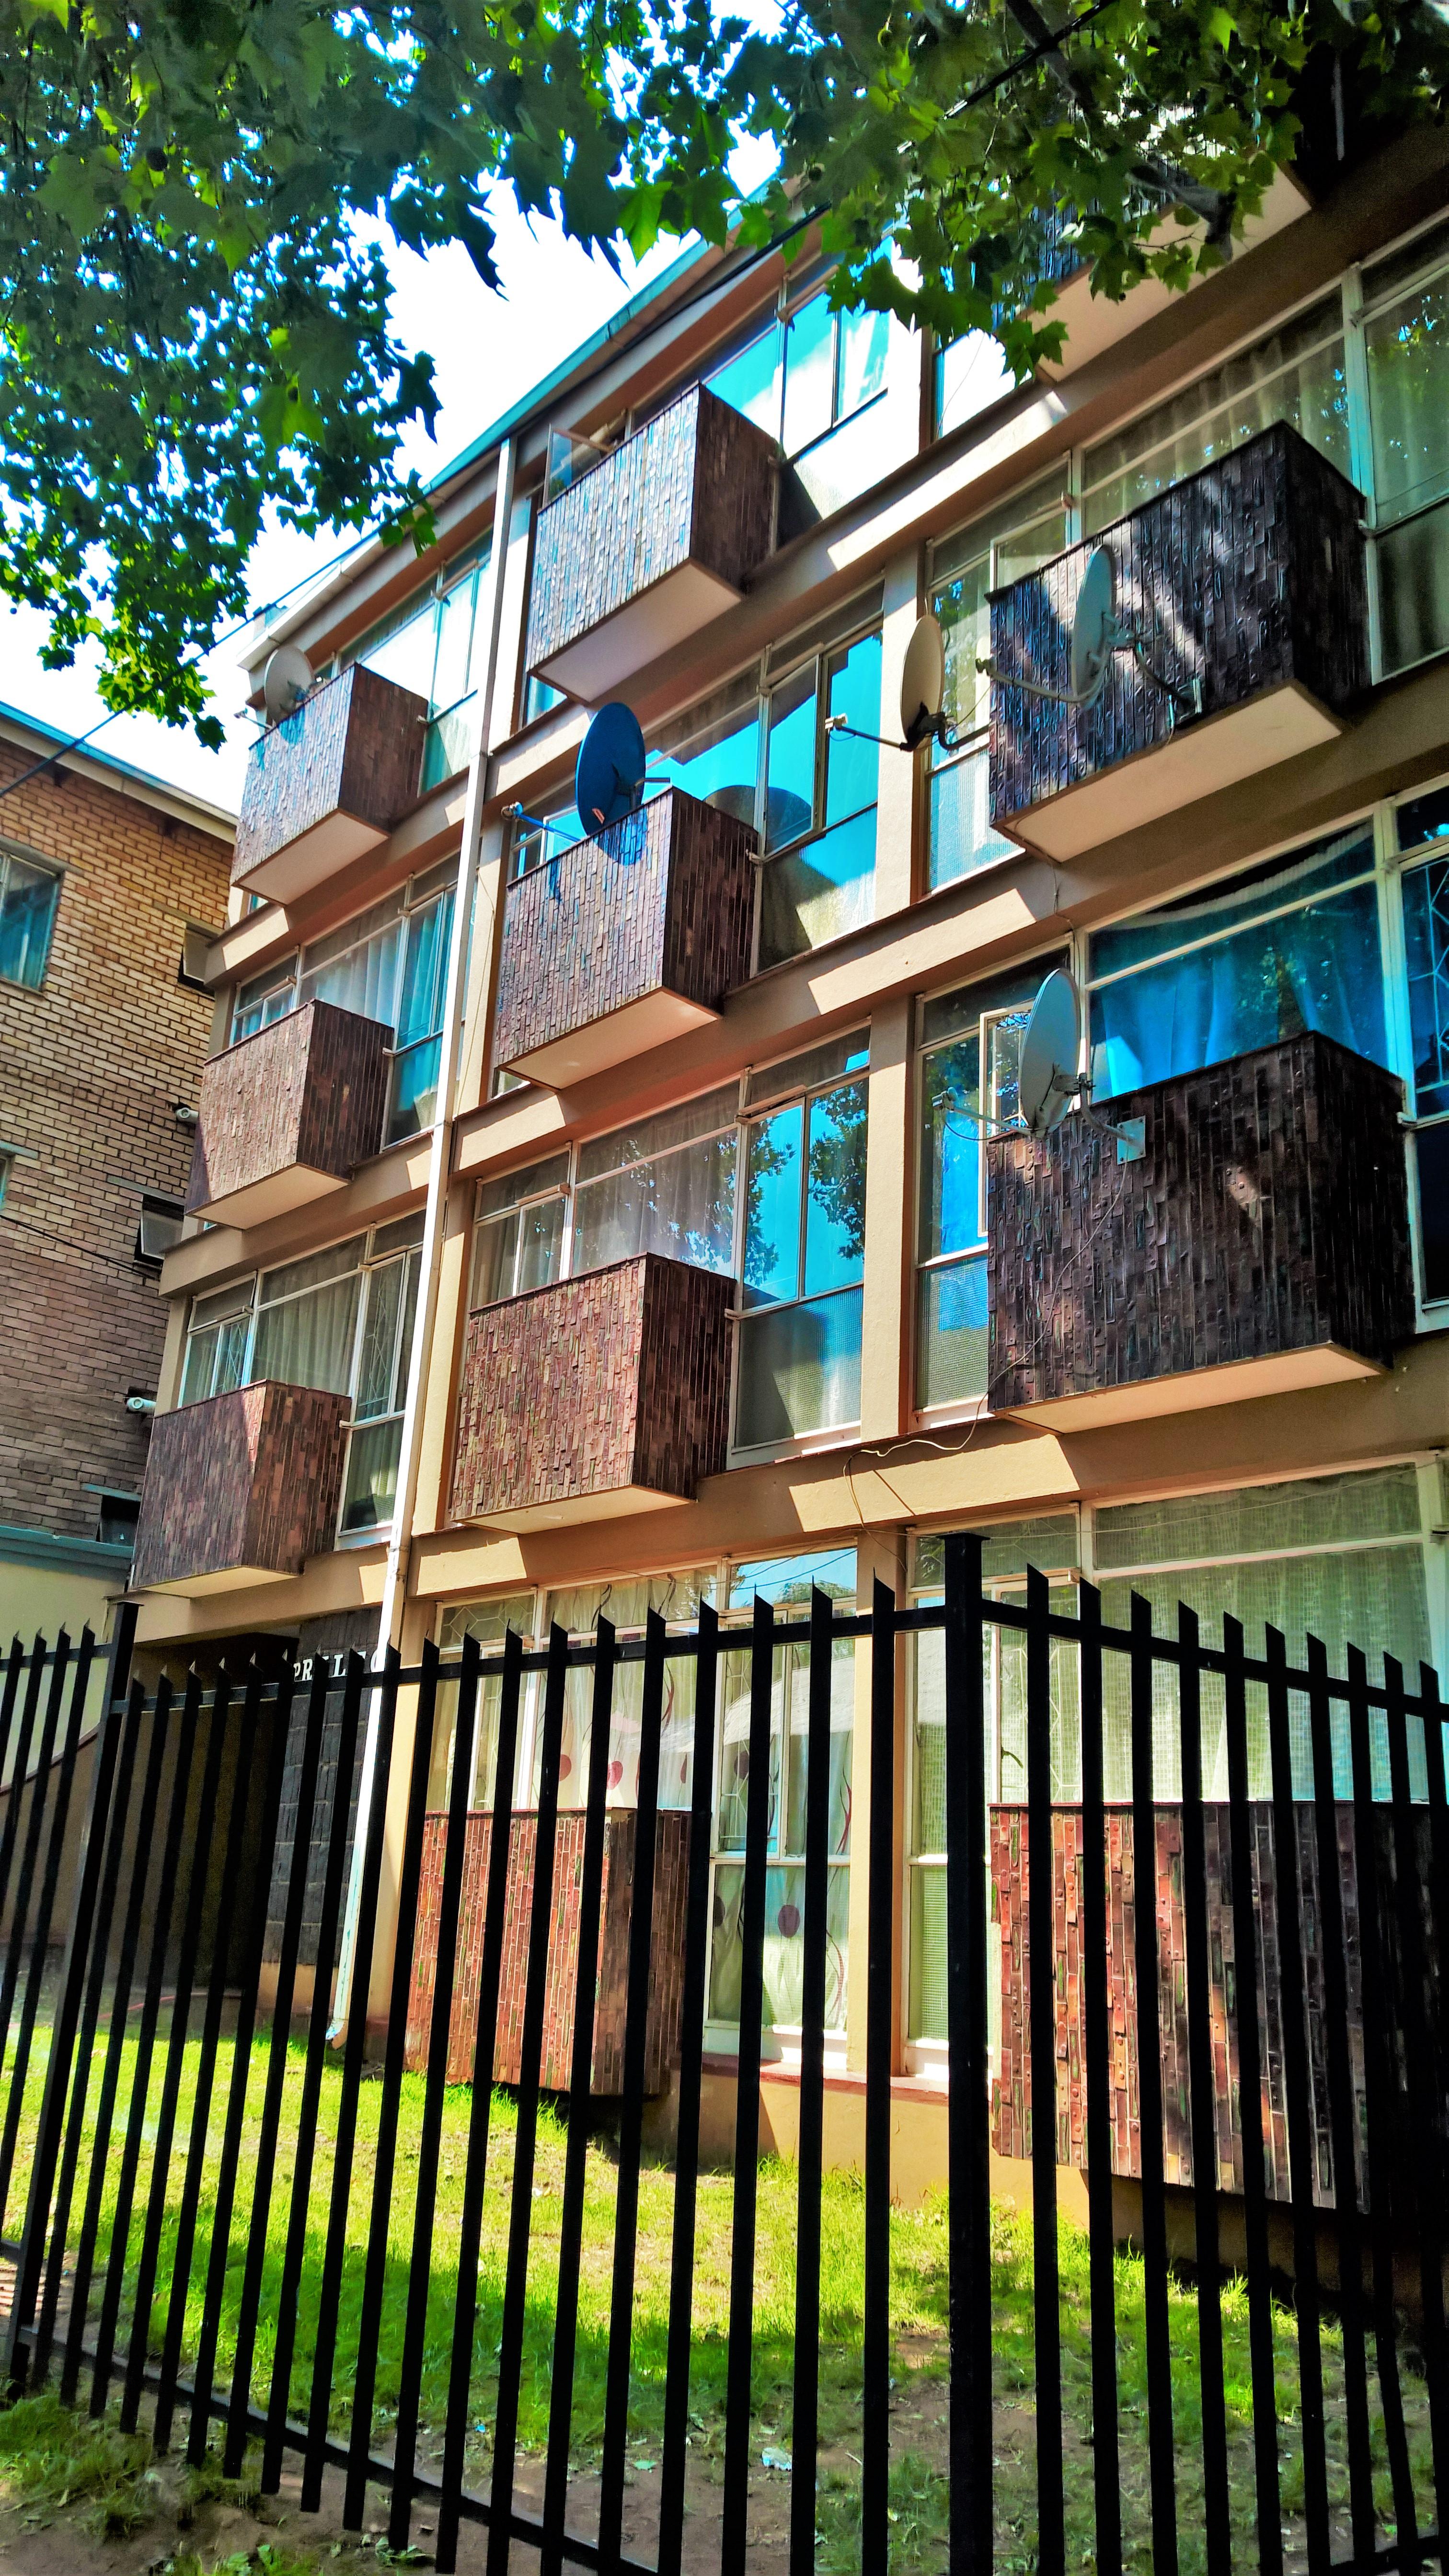 Caprileo flats